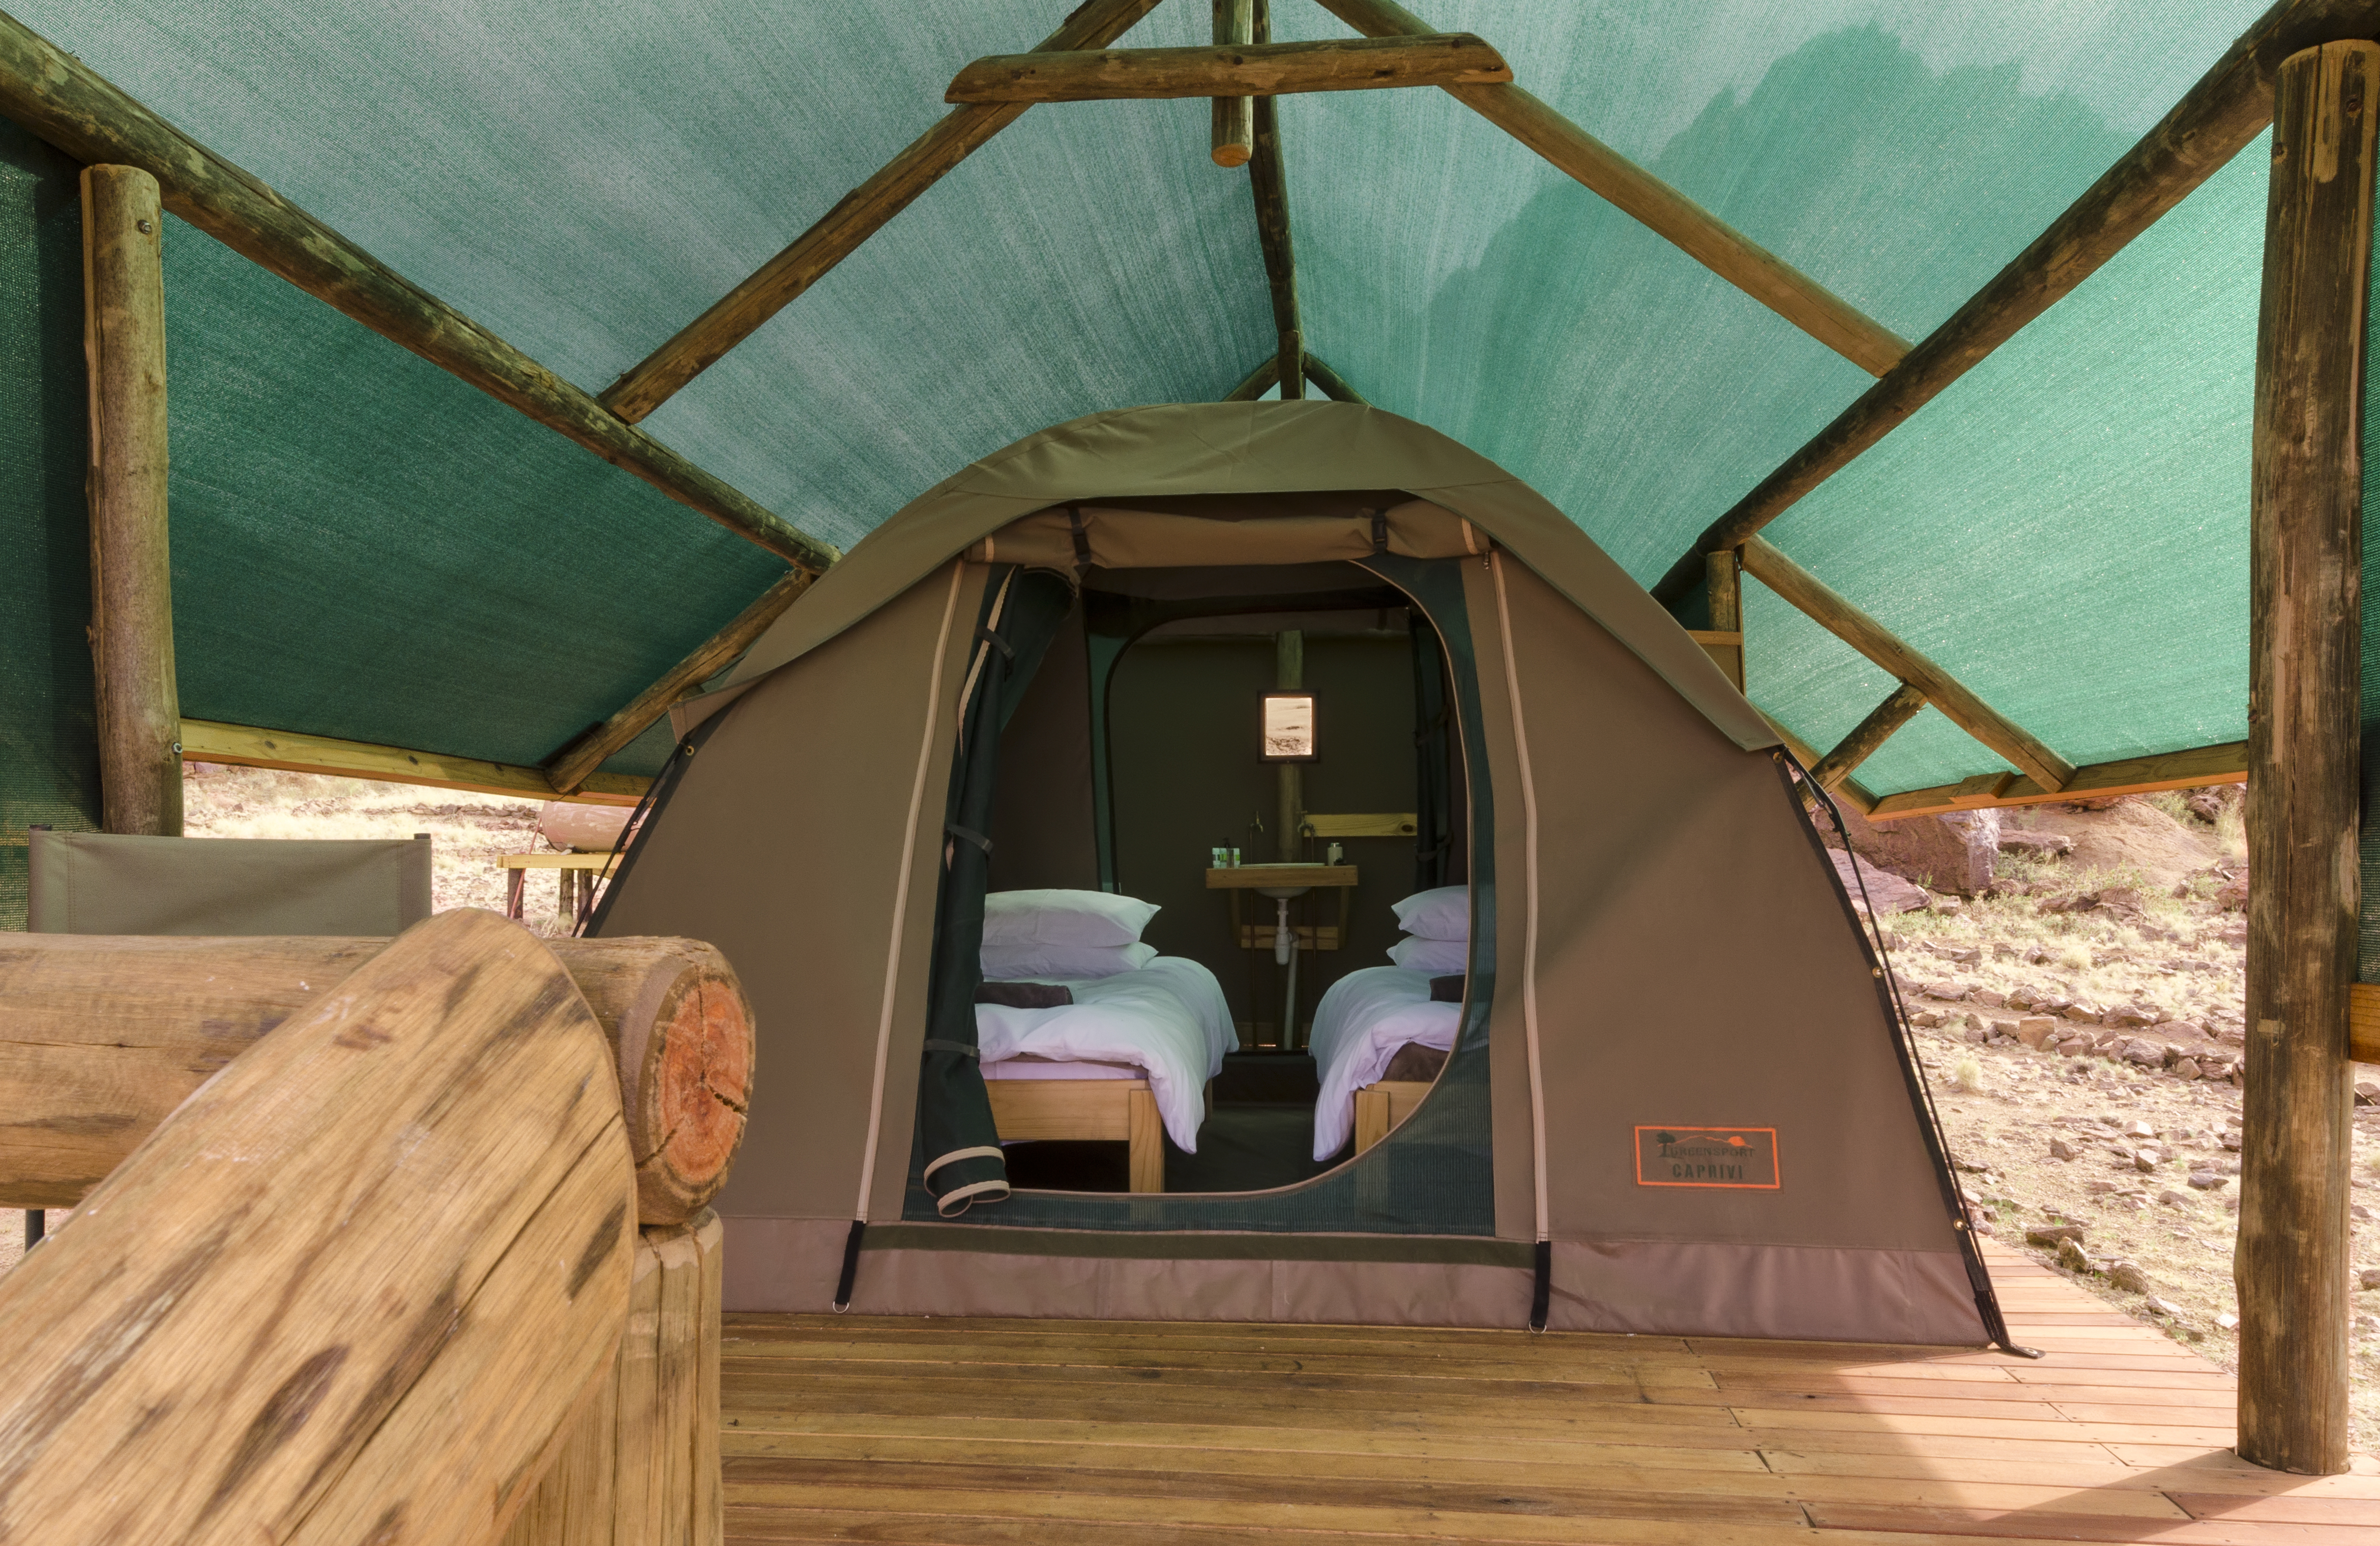 Damraland Adventurer Camp